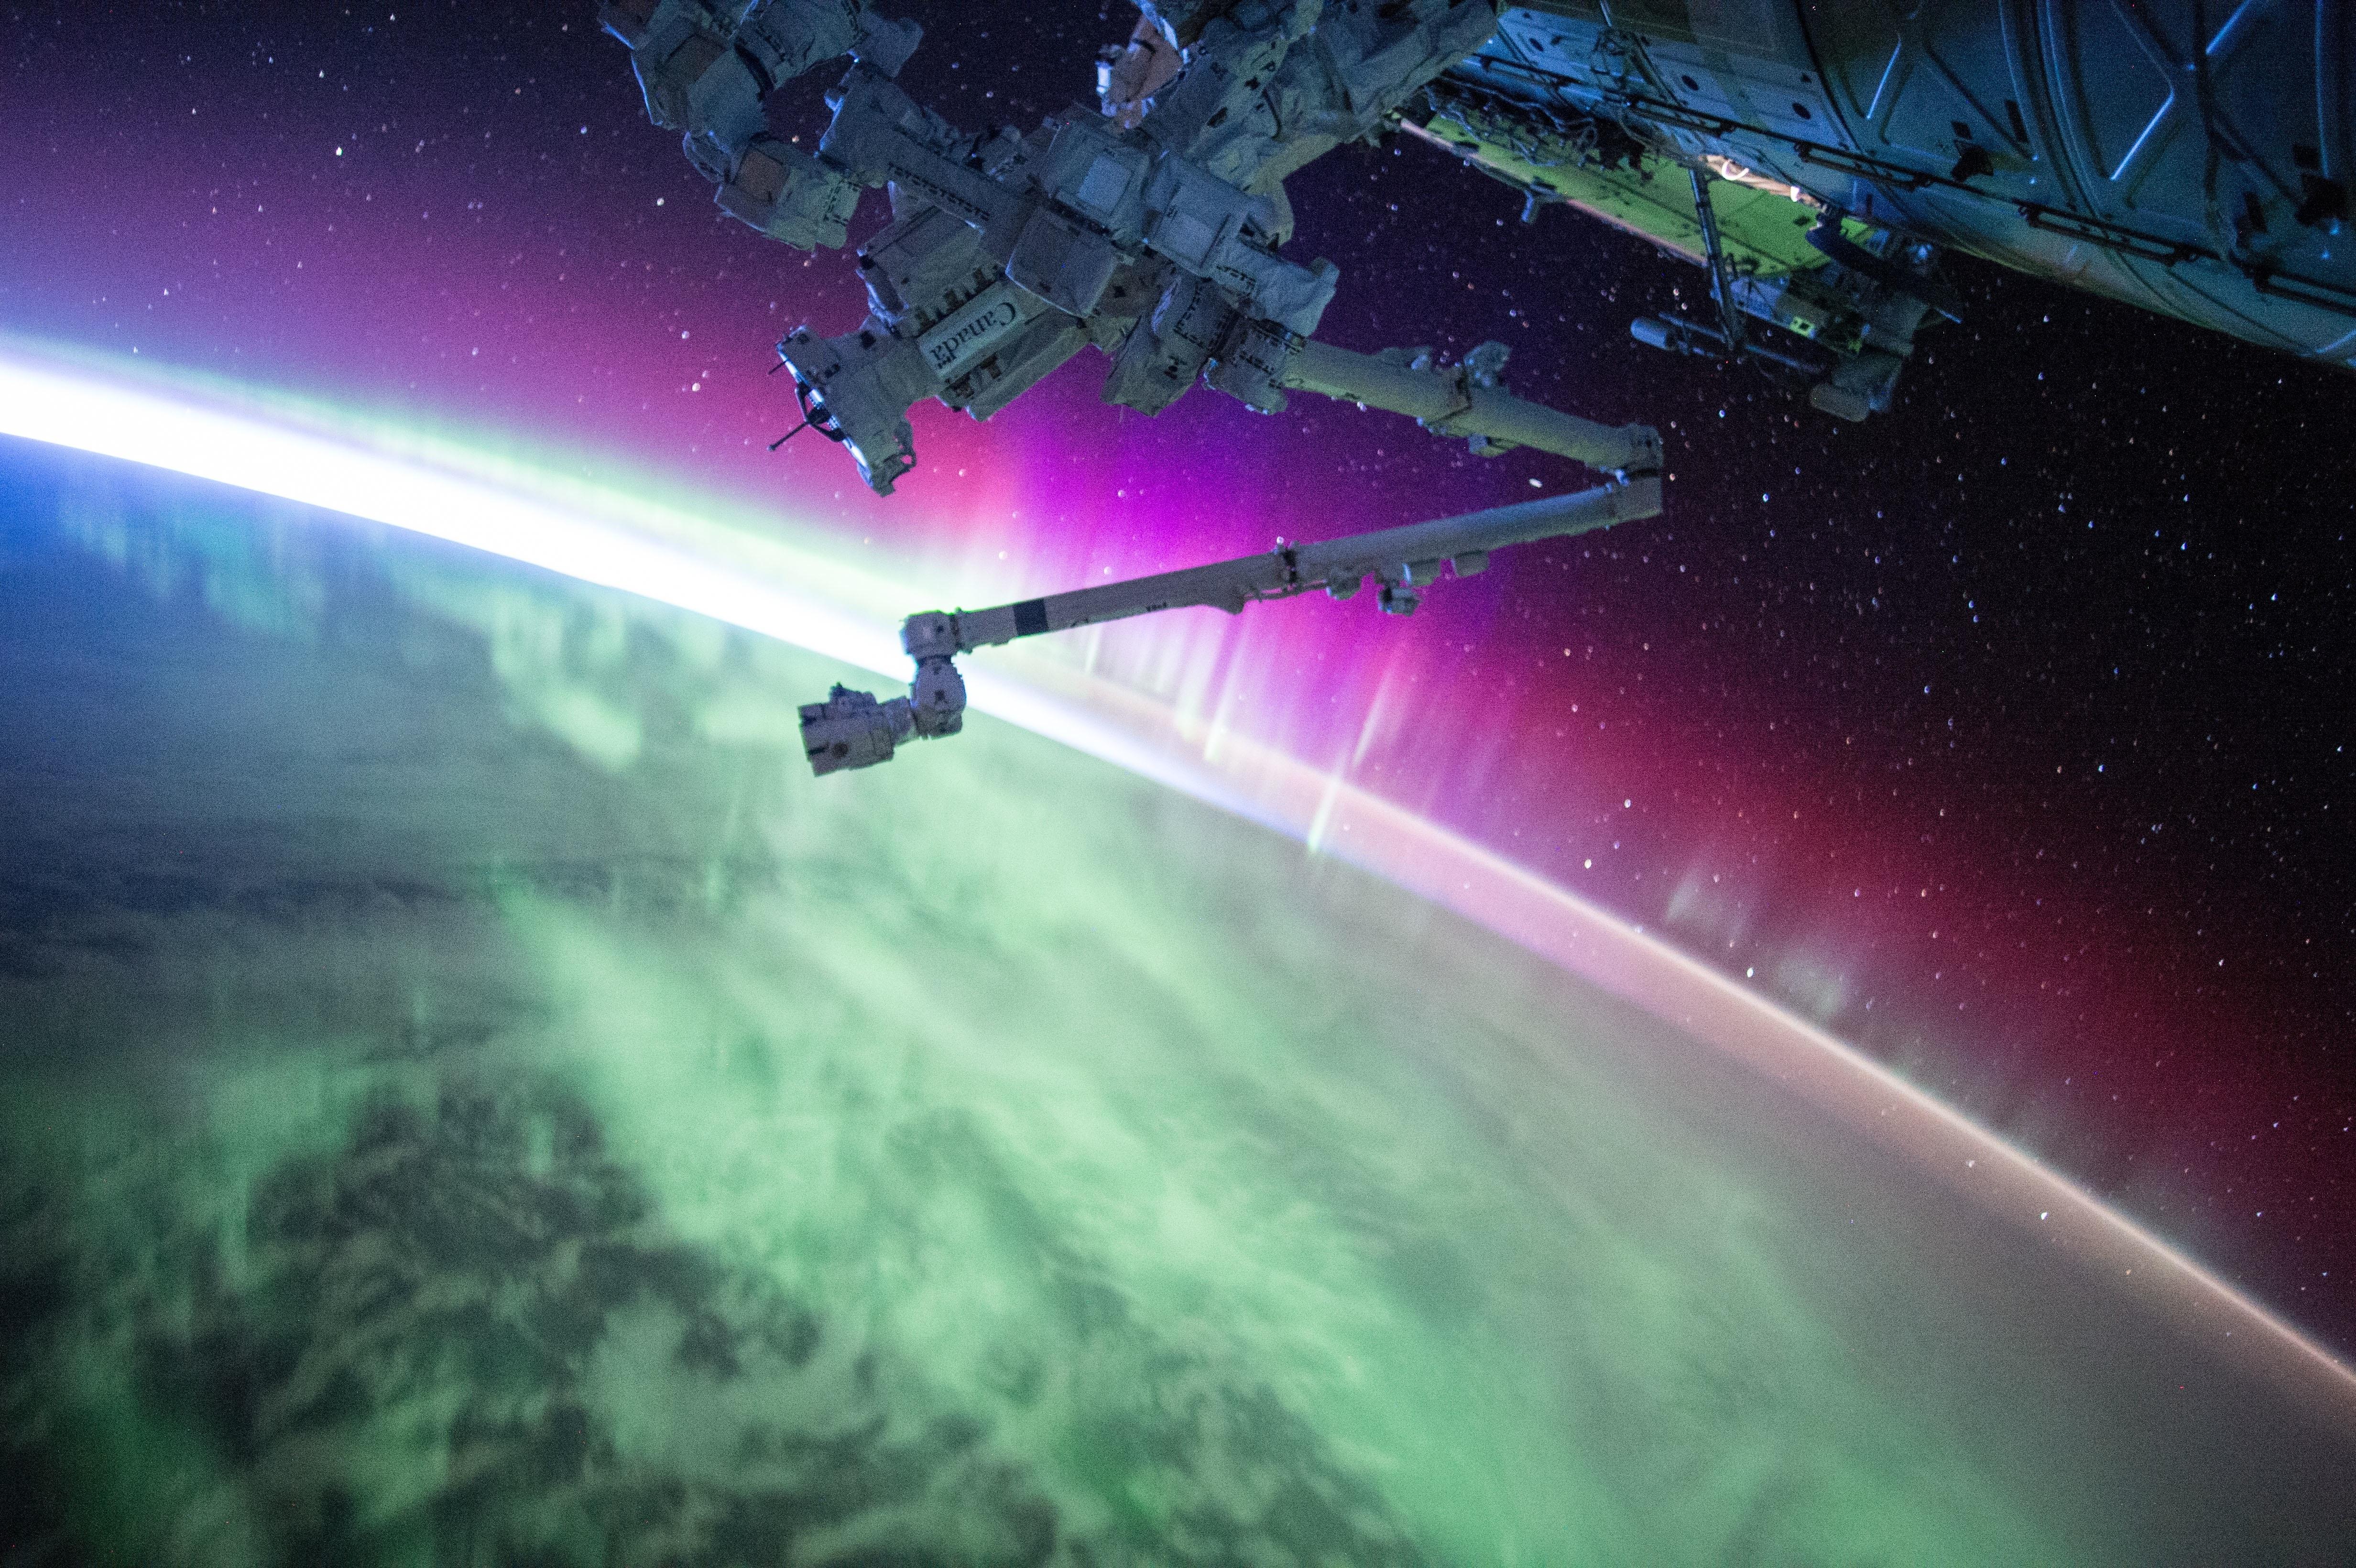 aurora spacecraft game - photo #46